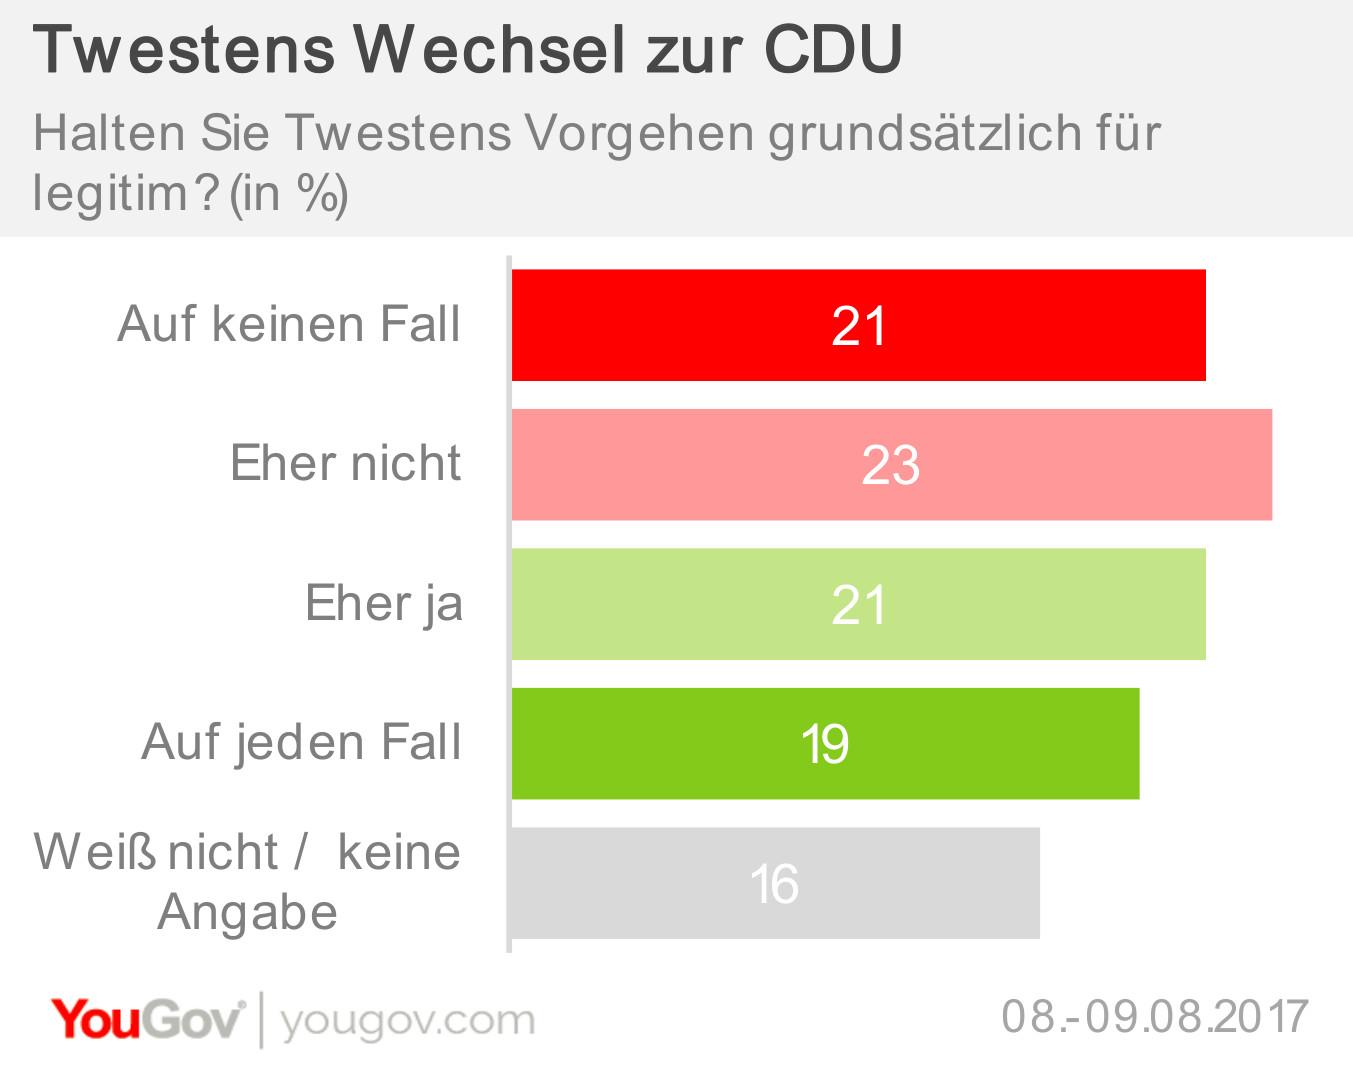 Twestens Wechsel zur CDU